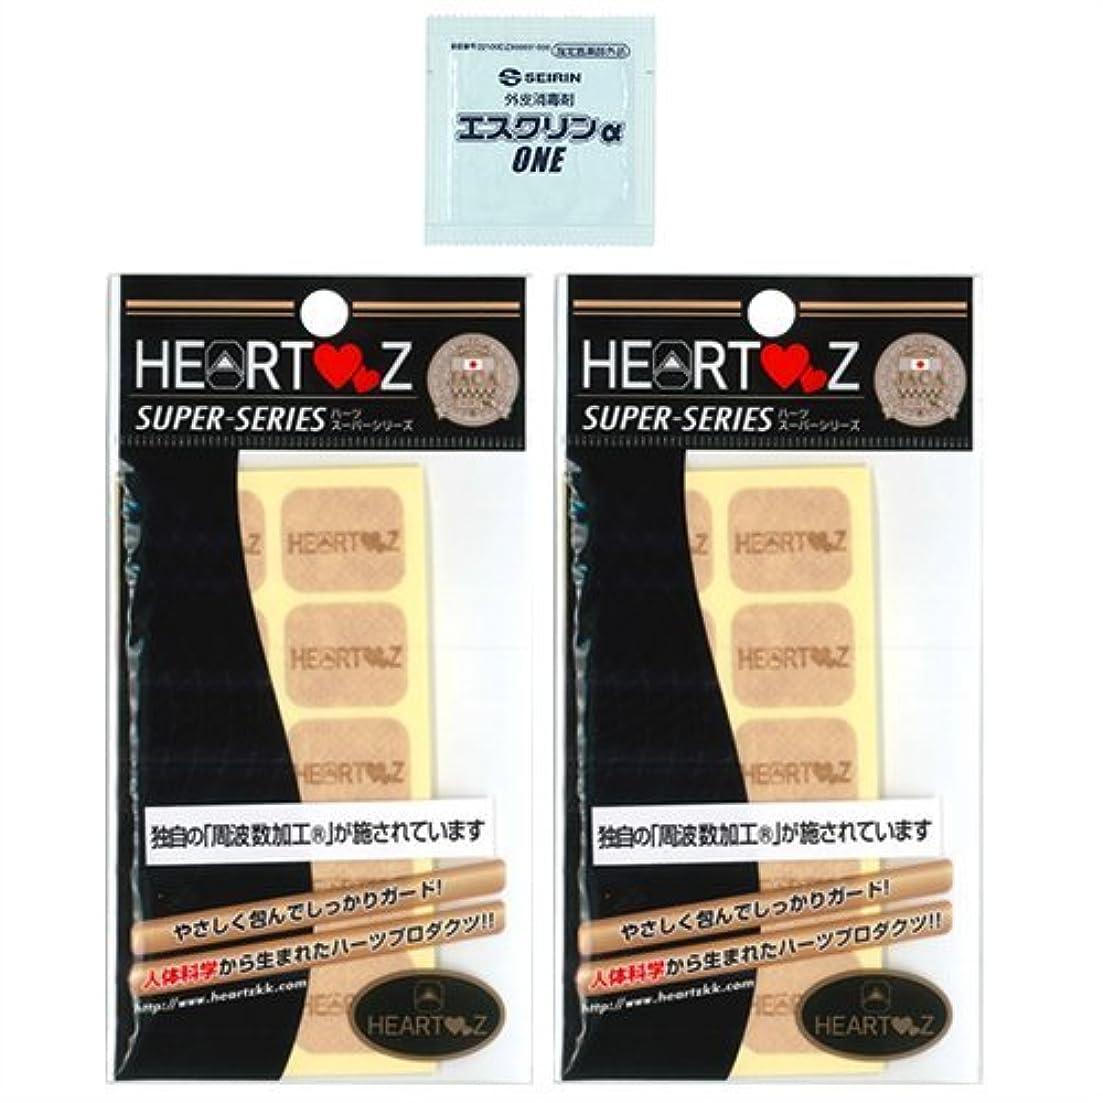 セント公爵夫人スチュワード【HEARTZ(ハーツ)】ハーツスーパーシール レギュラータイプ 80枚入×2個セット (計160枚) + エスクリンαONEx1個 セット